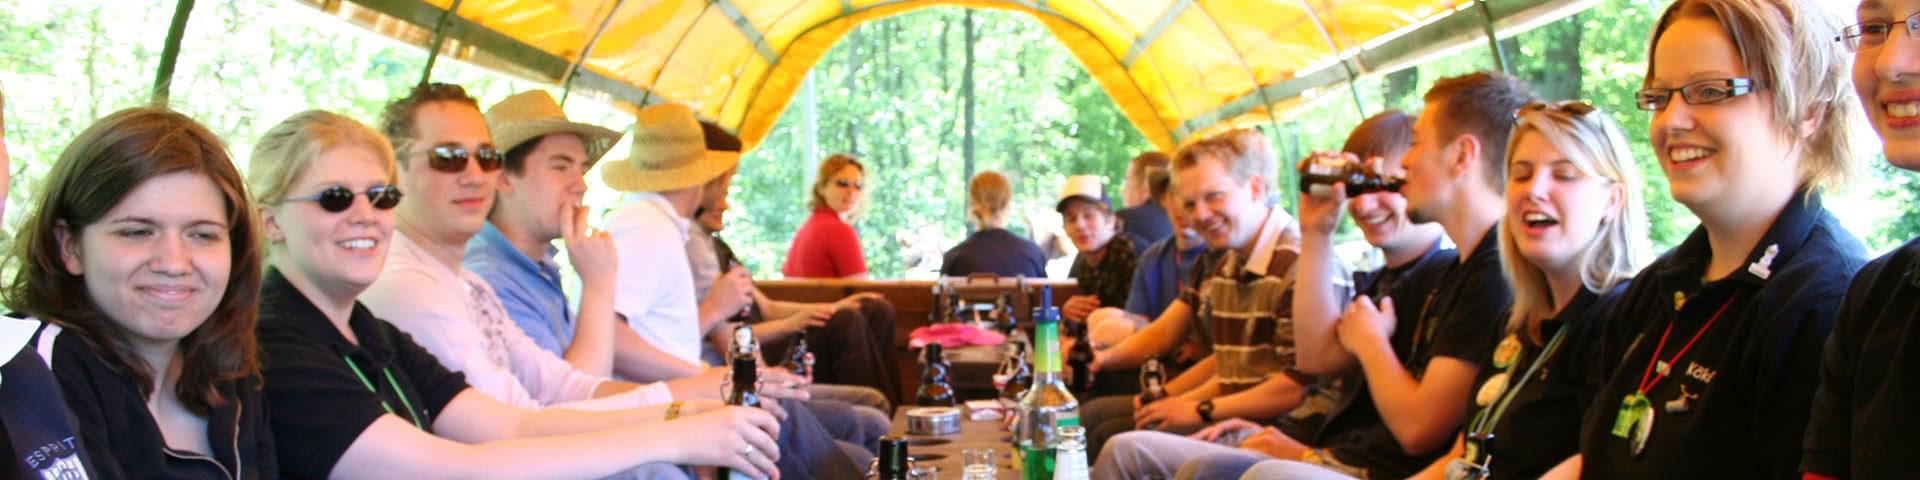 Gruppe macht Planwagenfahrt im Beverland